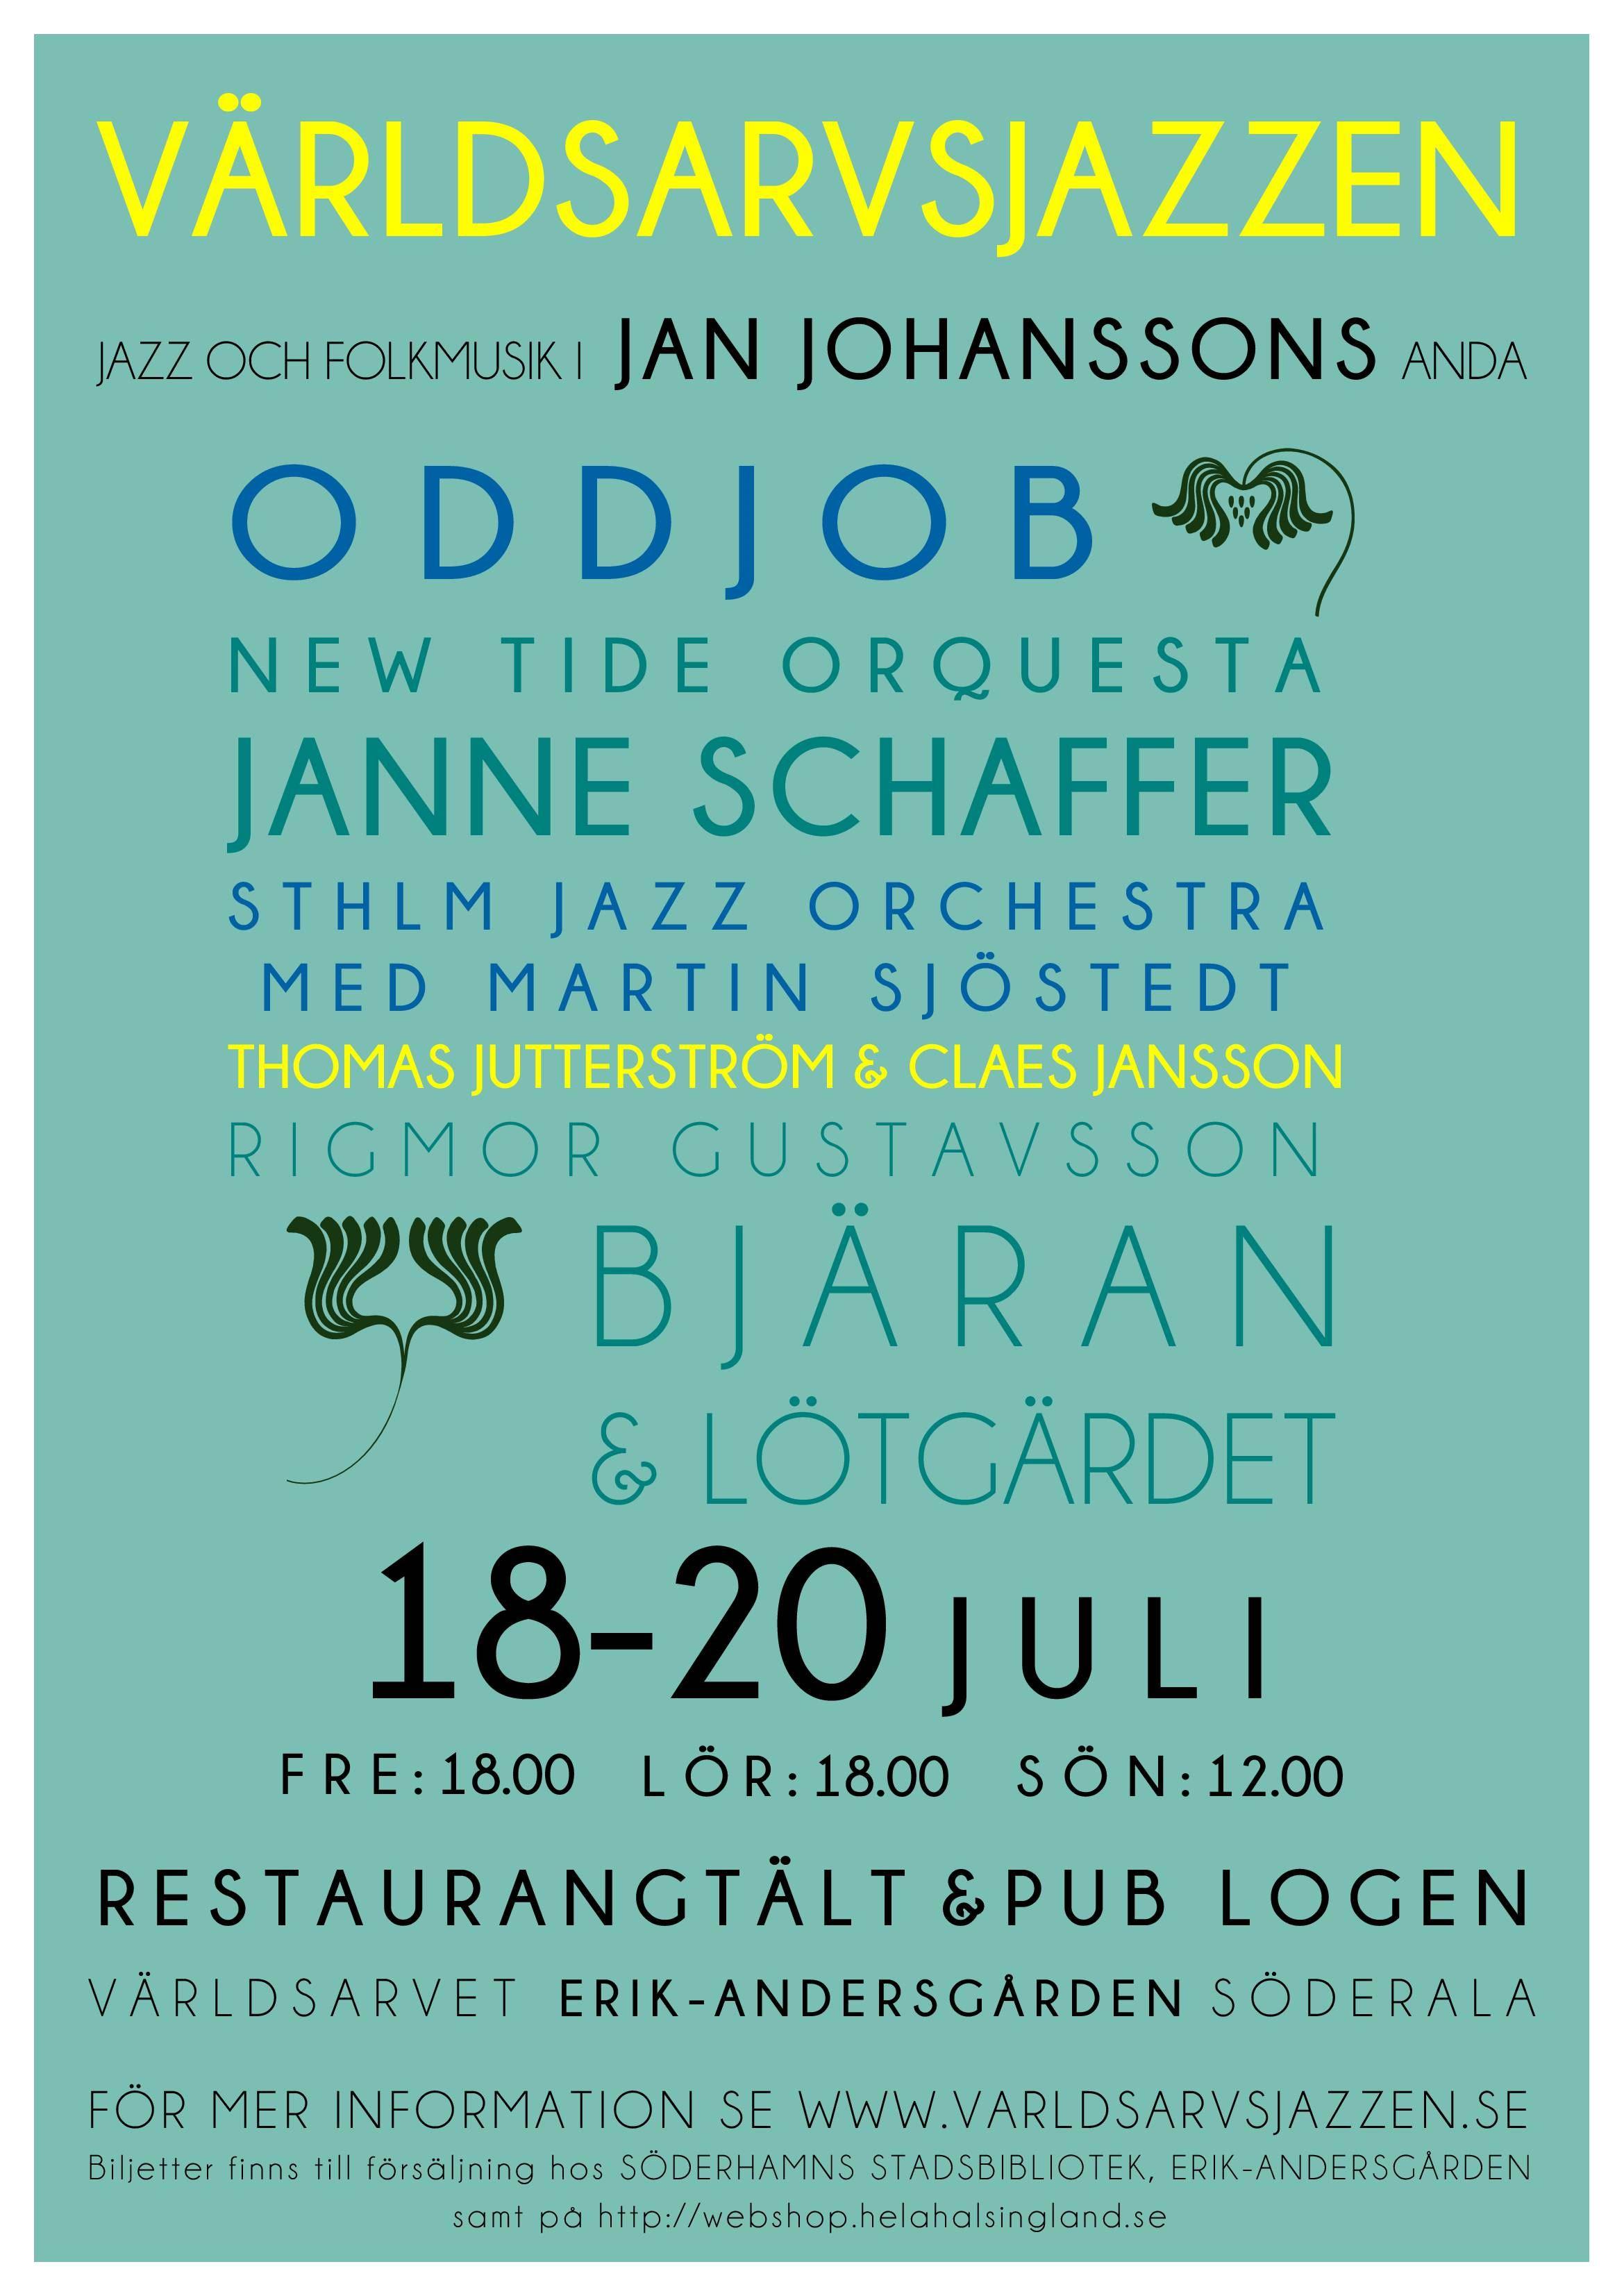 Världsarvsjazzen - jazz- och folkmusik i Jan Johanssons anda